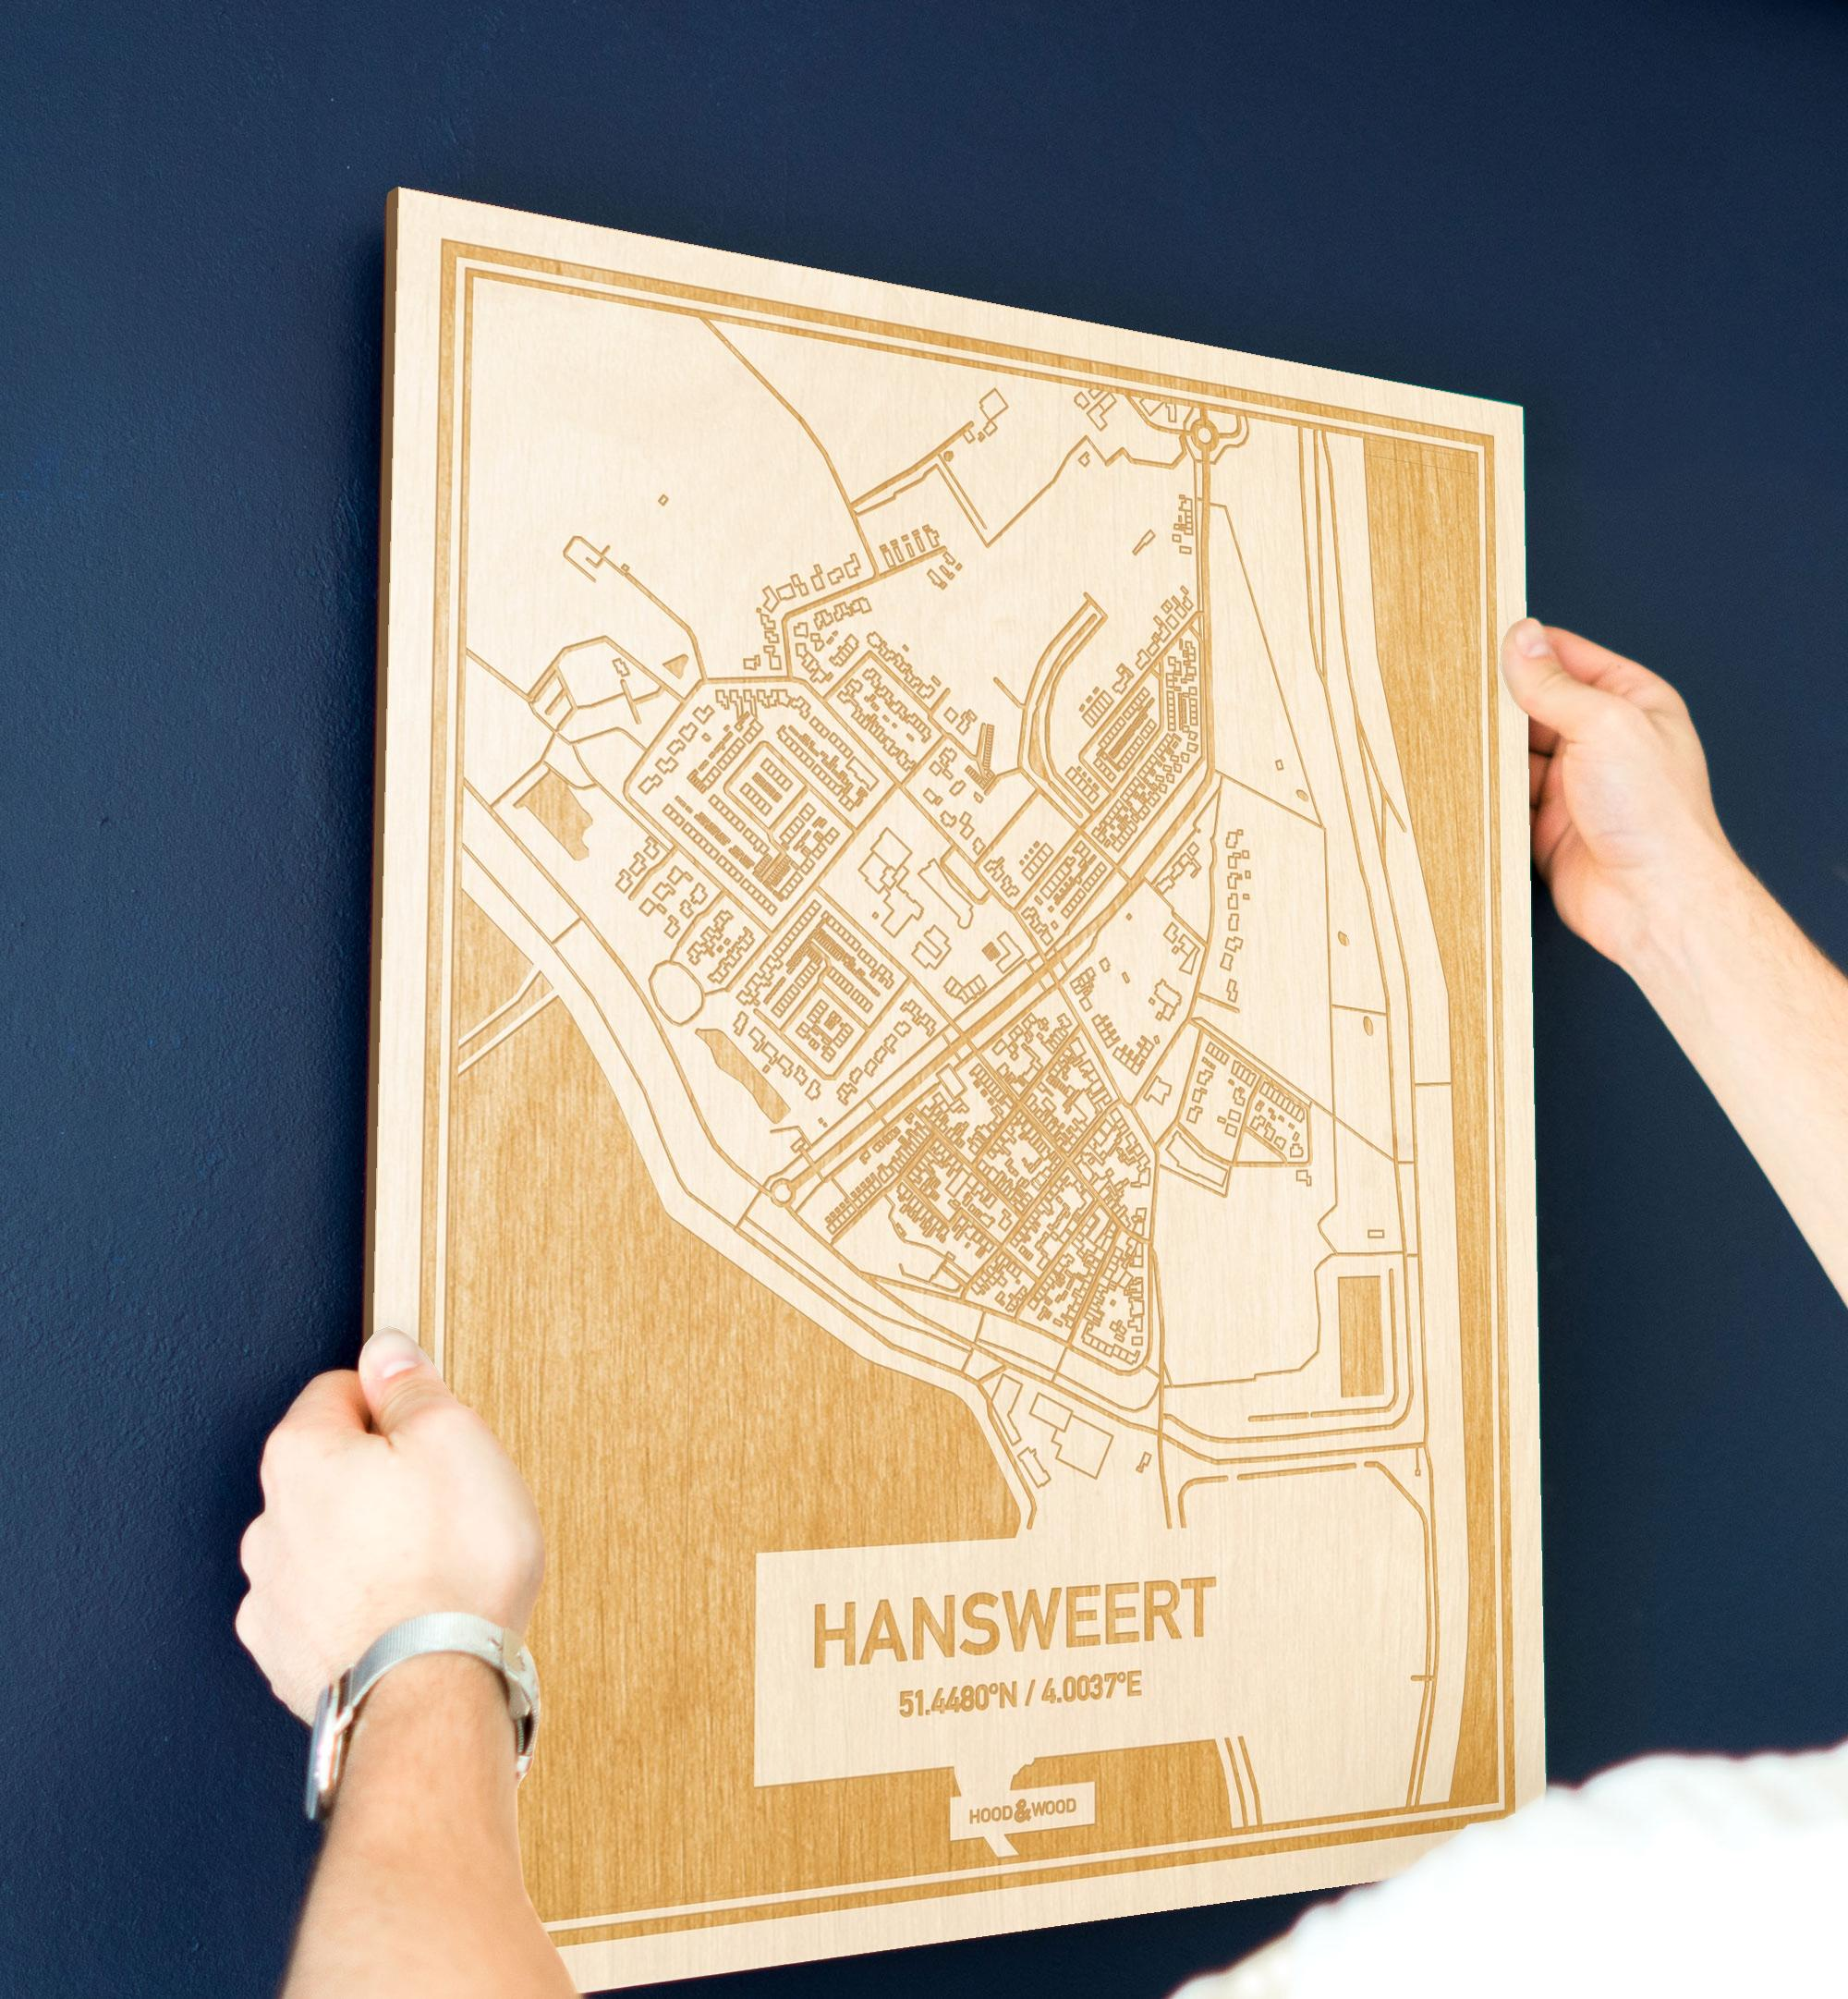 Een man hangt de houten plattegrond Hansweert aan zijn blauwe muur ter decoratie. Je ziet alleen zijn handen de kaart van deze speciale in Zeeland vasthouden.